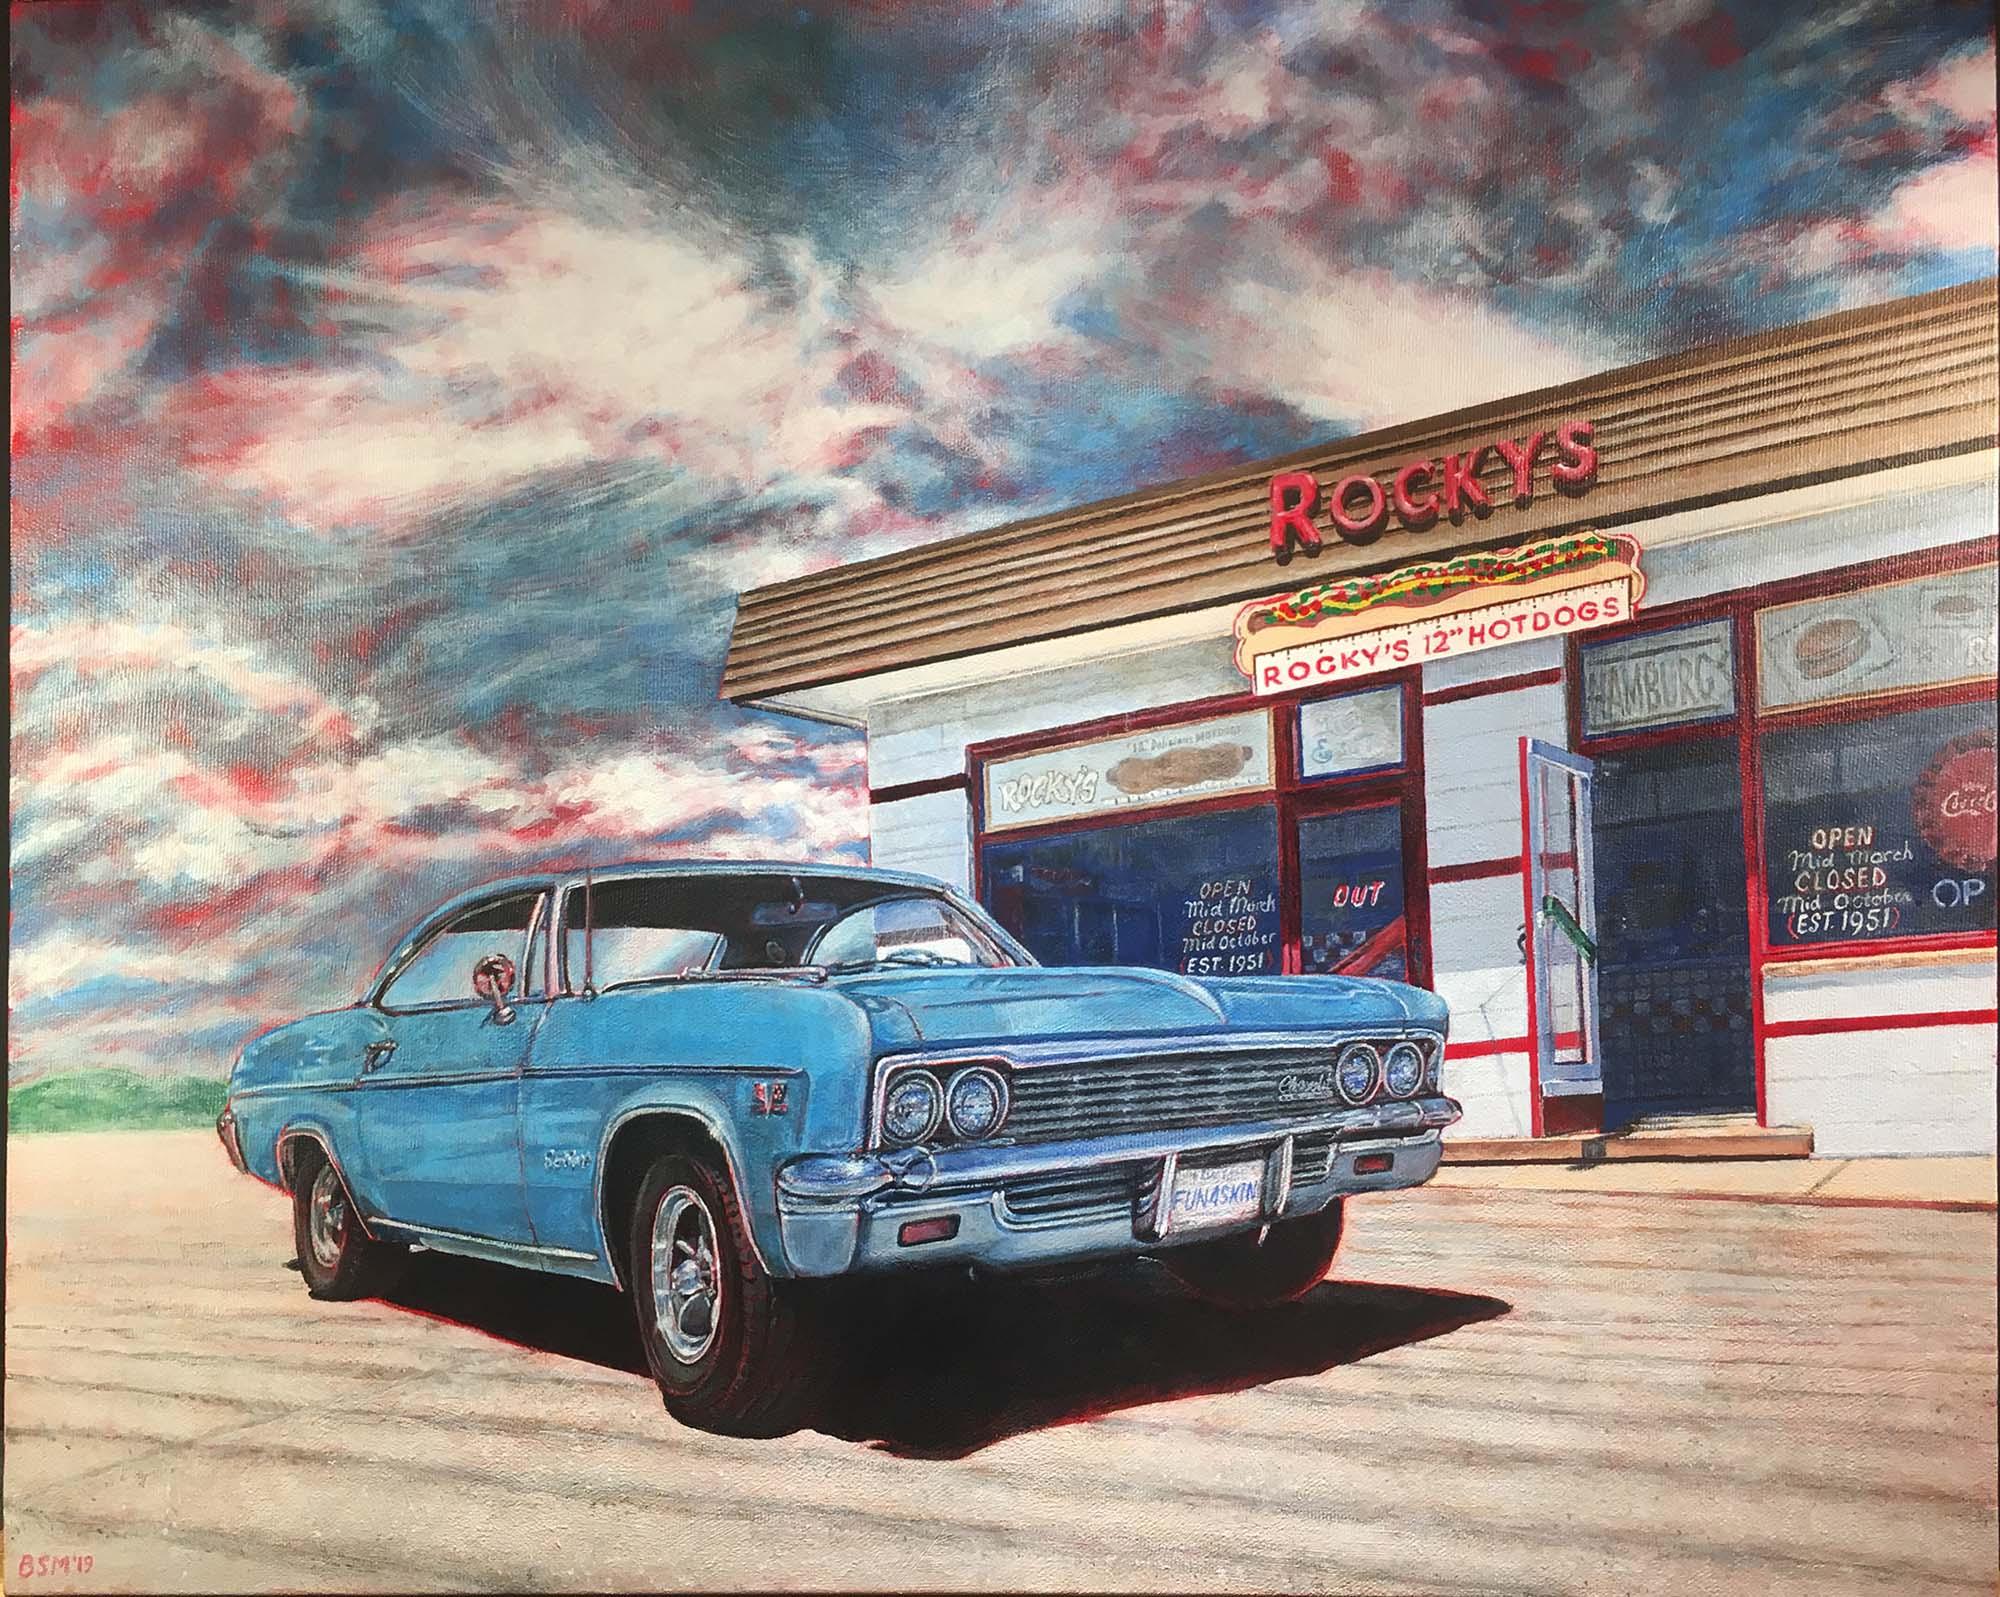 1966 Impala at Rockys small